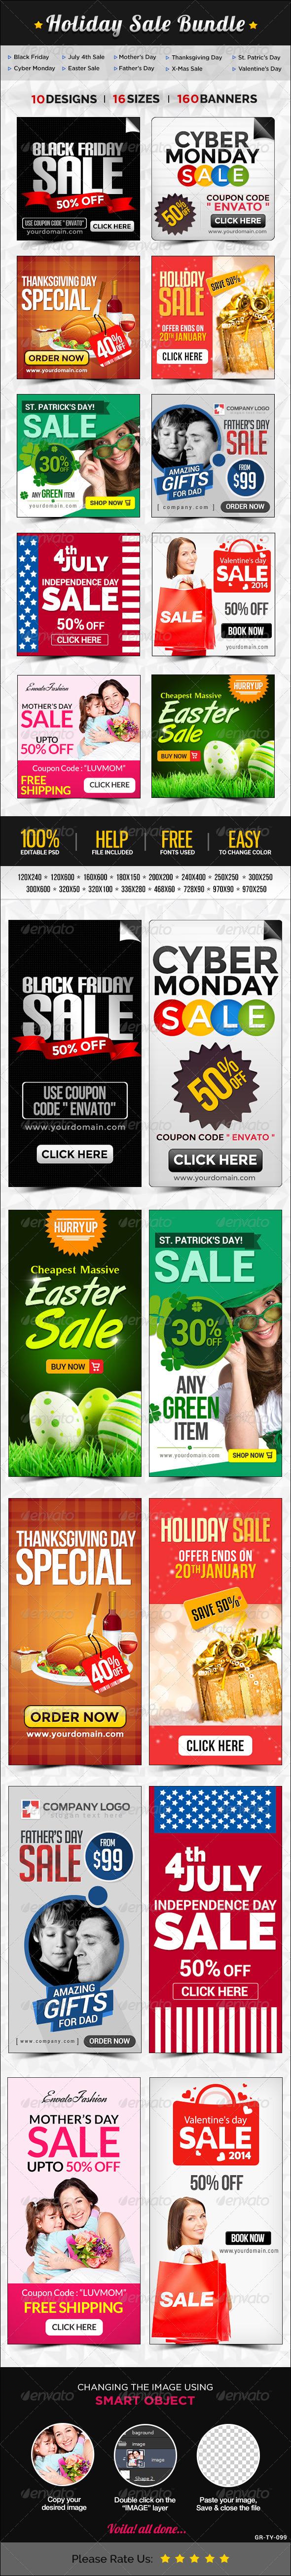 Holiday Sale Jumbo Bundle